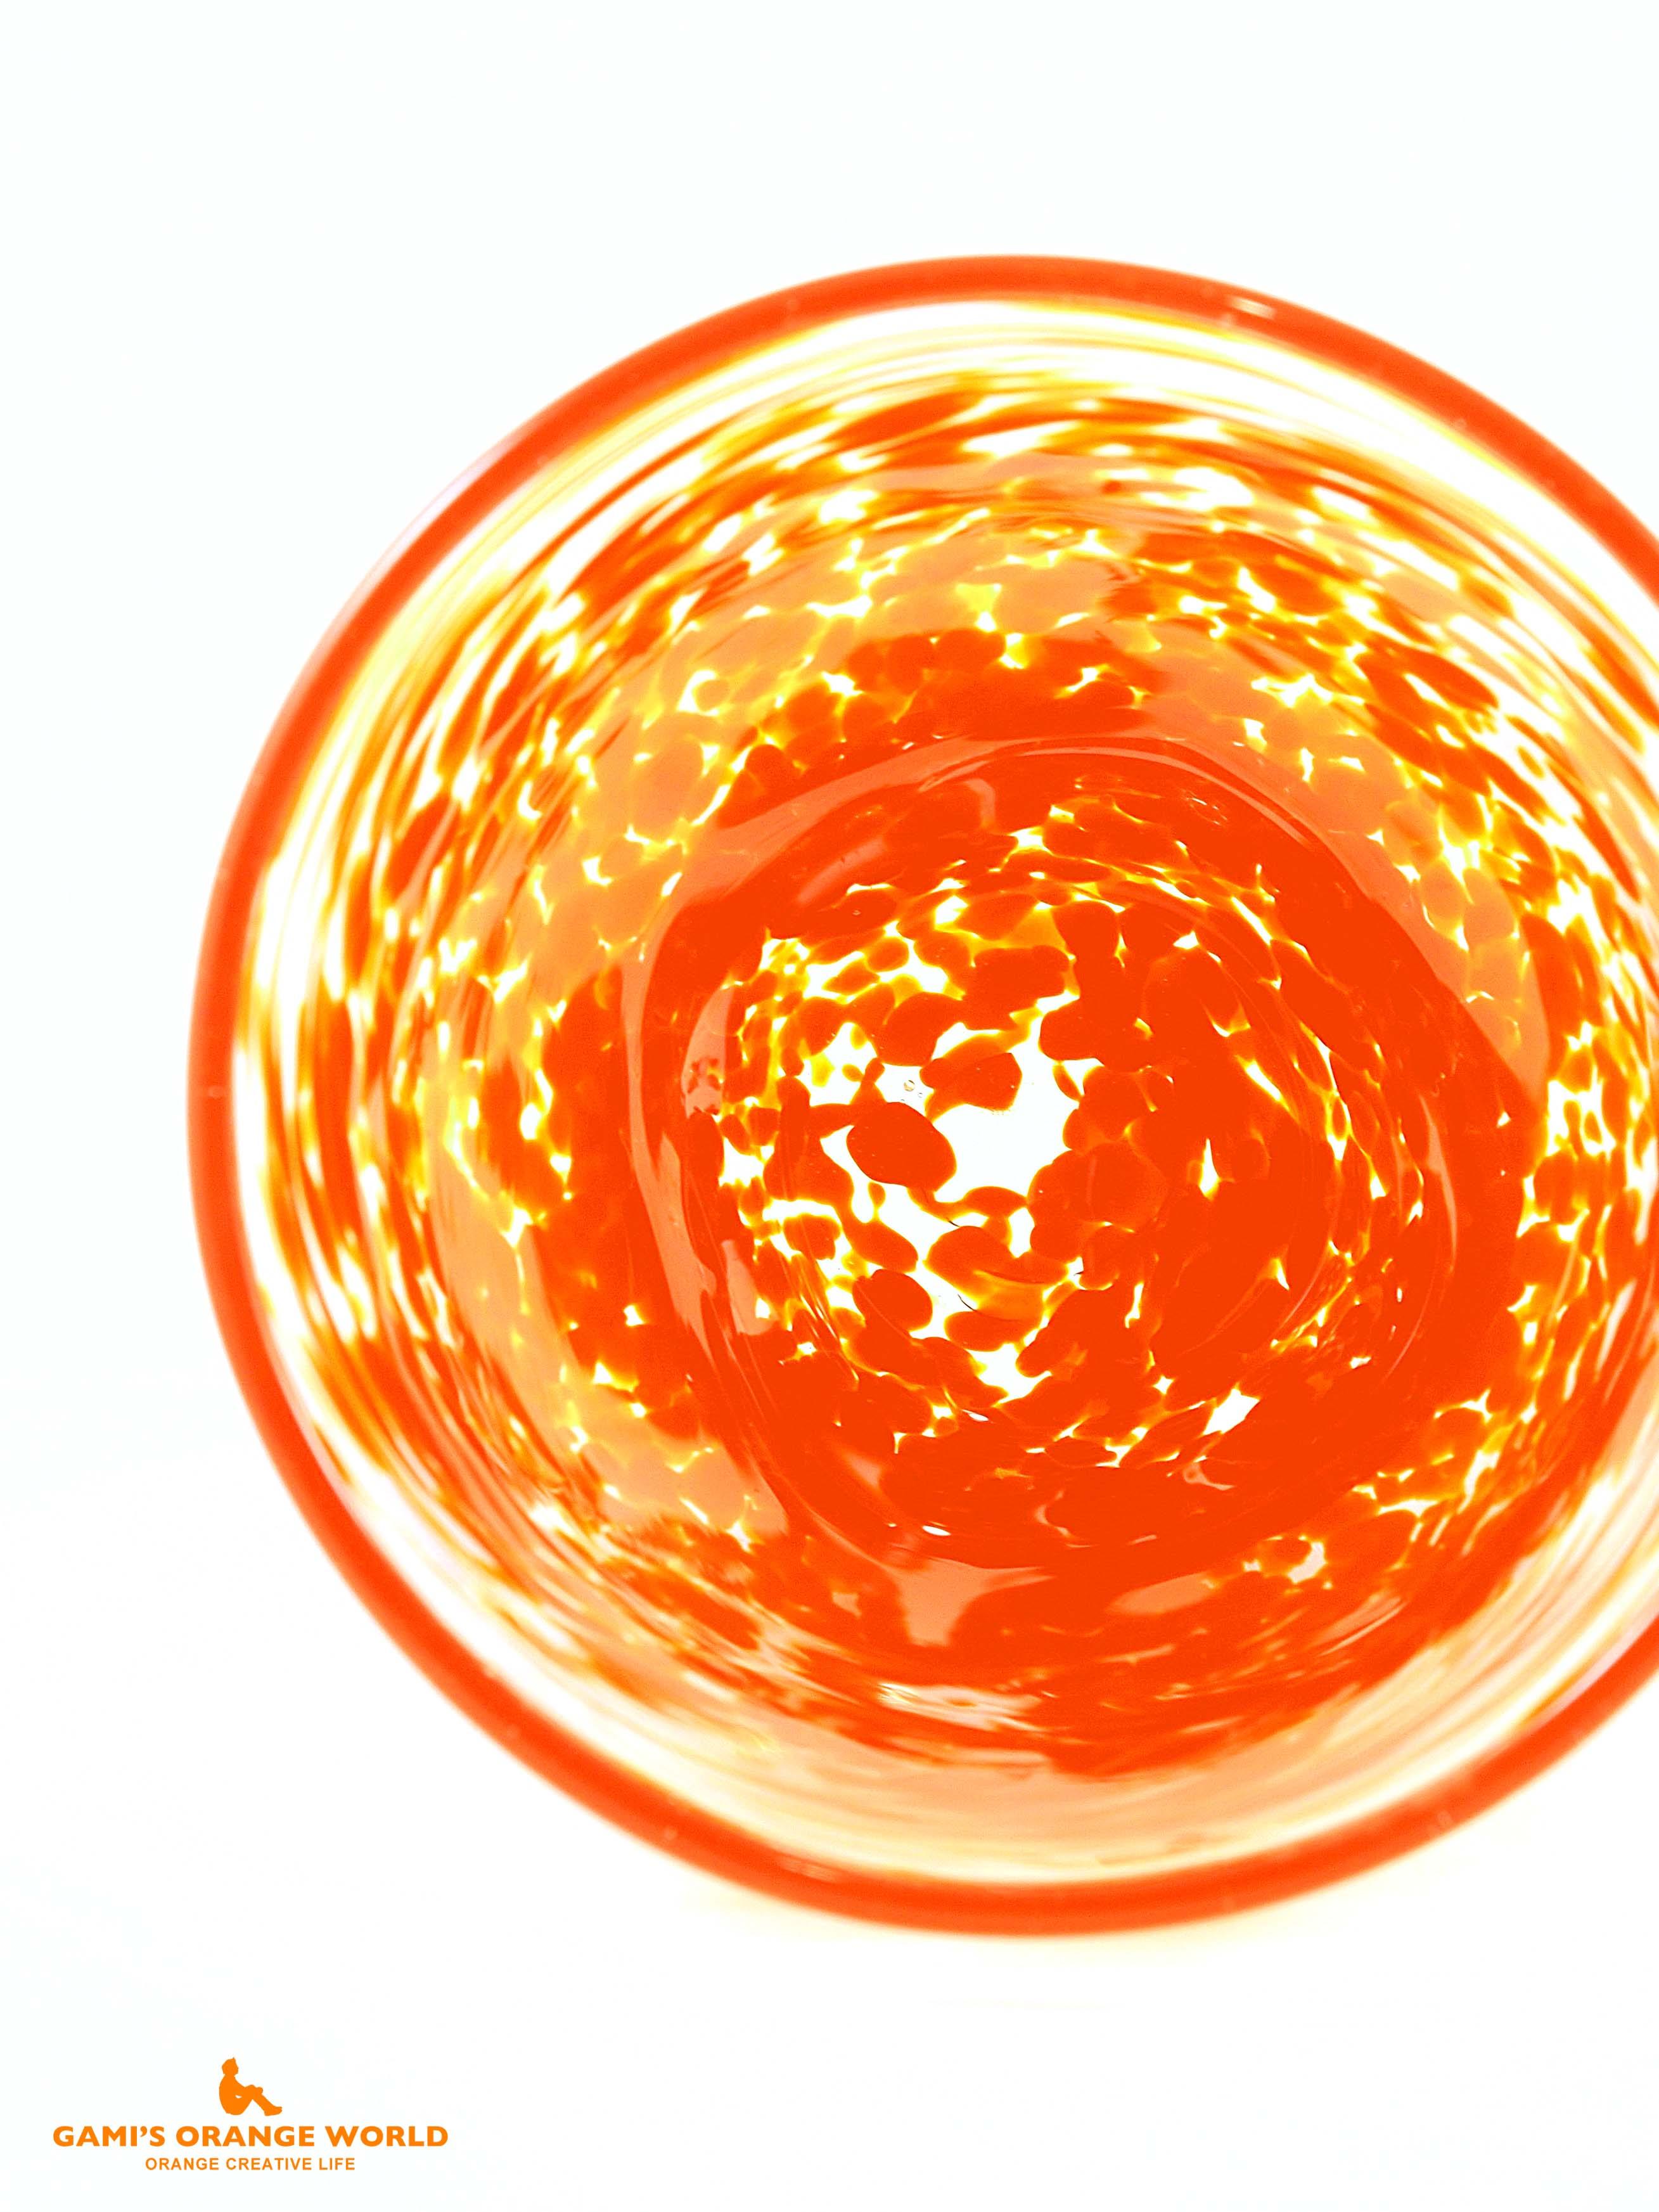 摩耶ちゃんに創ってもらったオレンジグラス3 のコピー